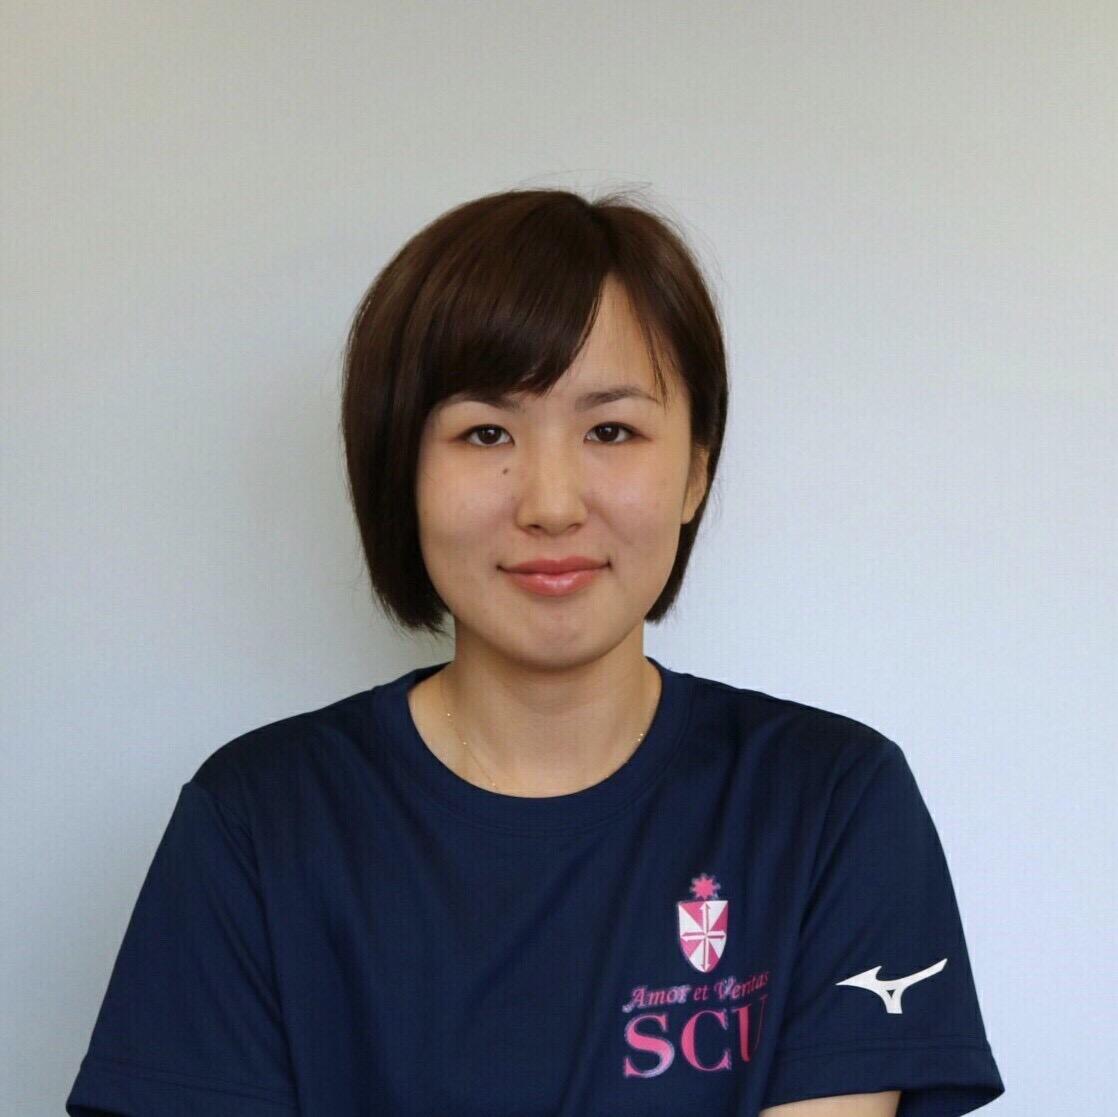 【学生トレーナー】黒田あかり